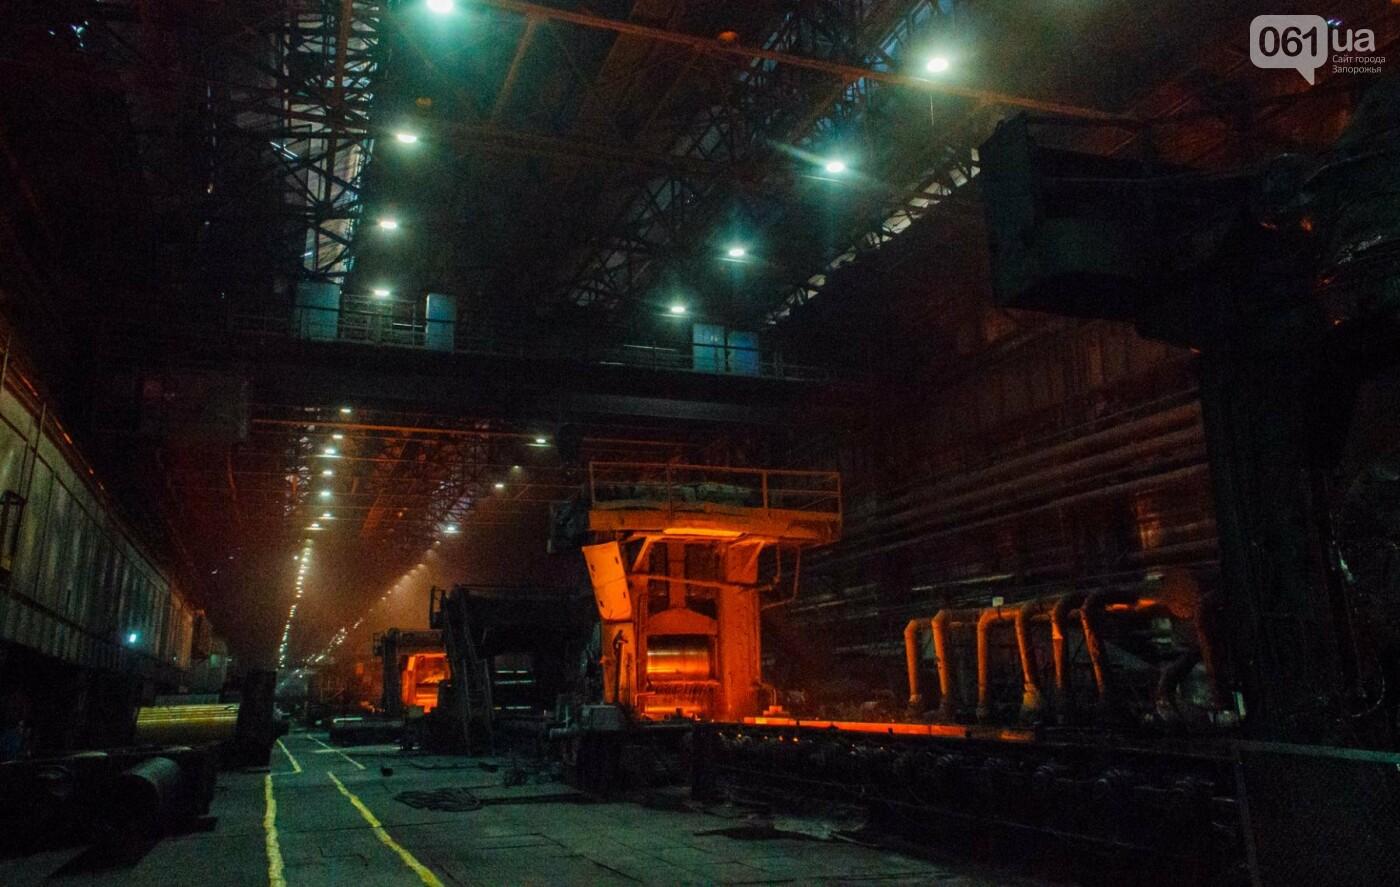 Как на «Запорожстали» железную руду превращают в сталь: экскурсия на производство, — ФОТОРЕПОРТАЖ, фото-34